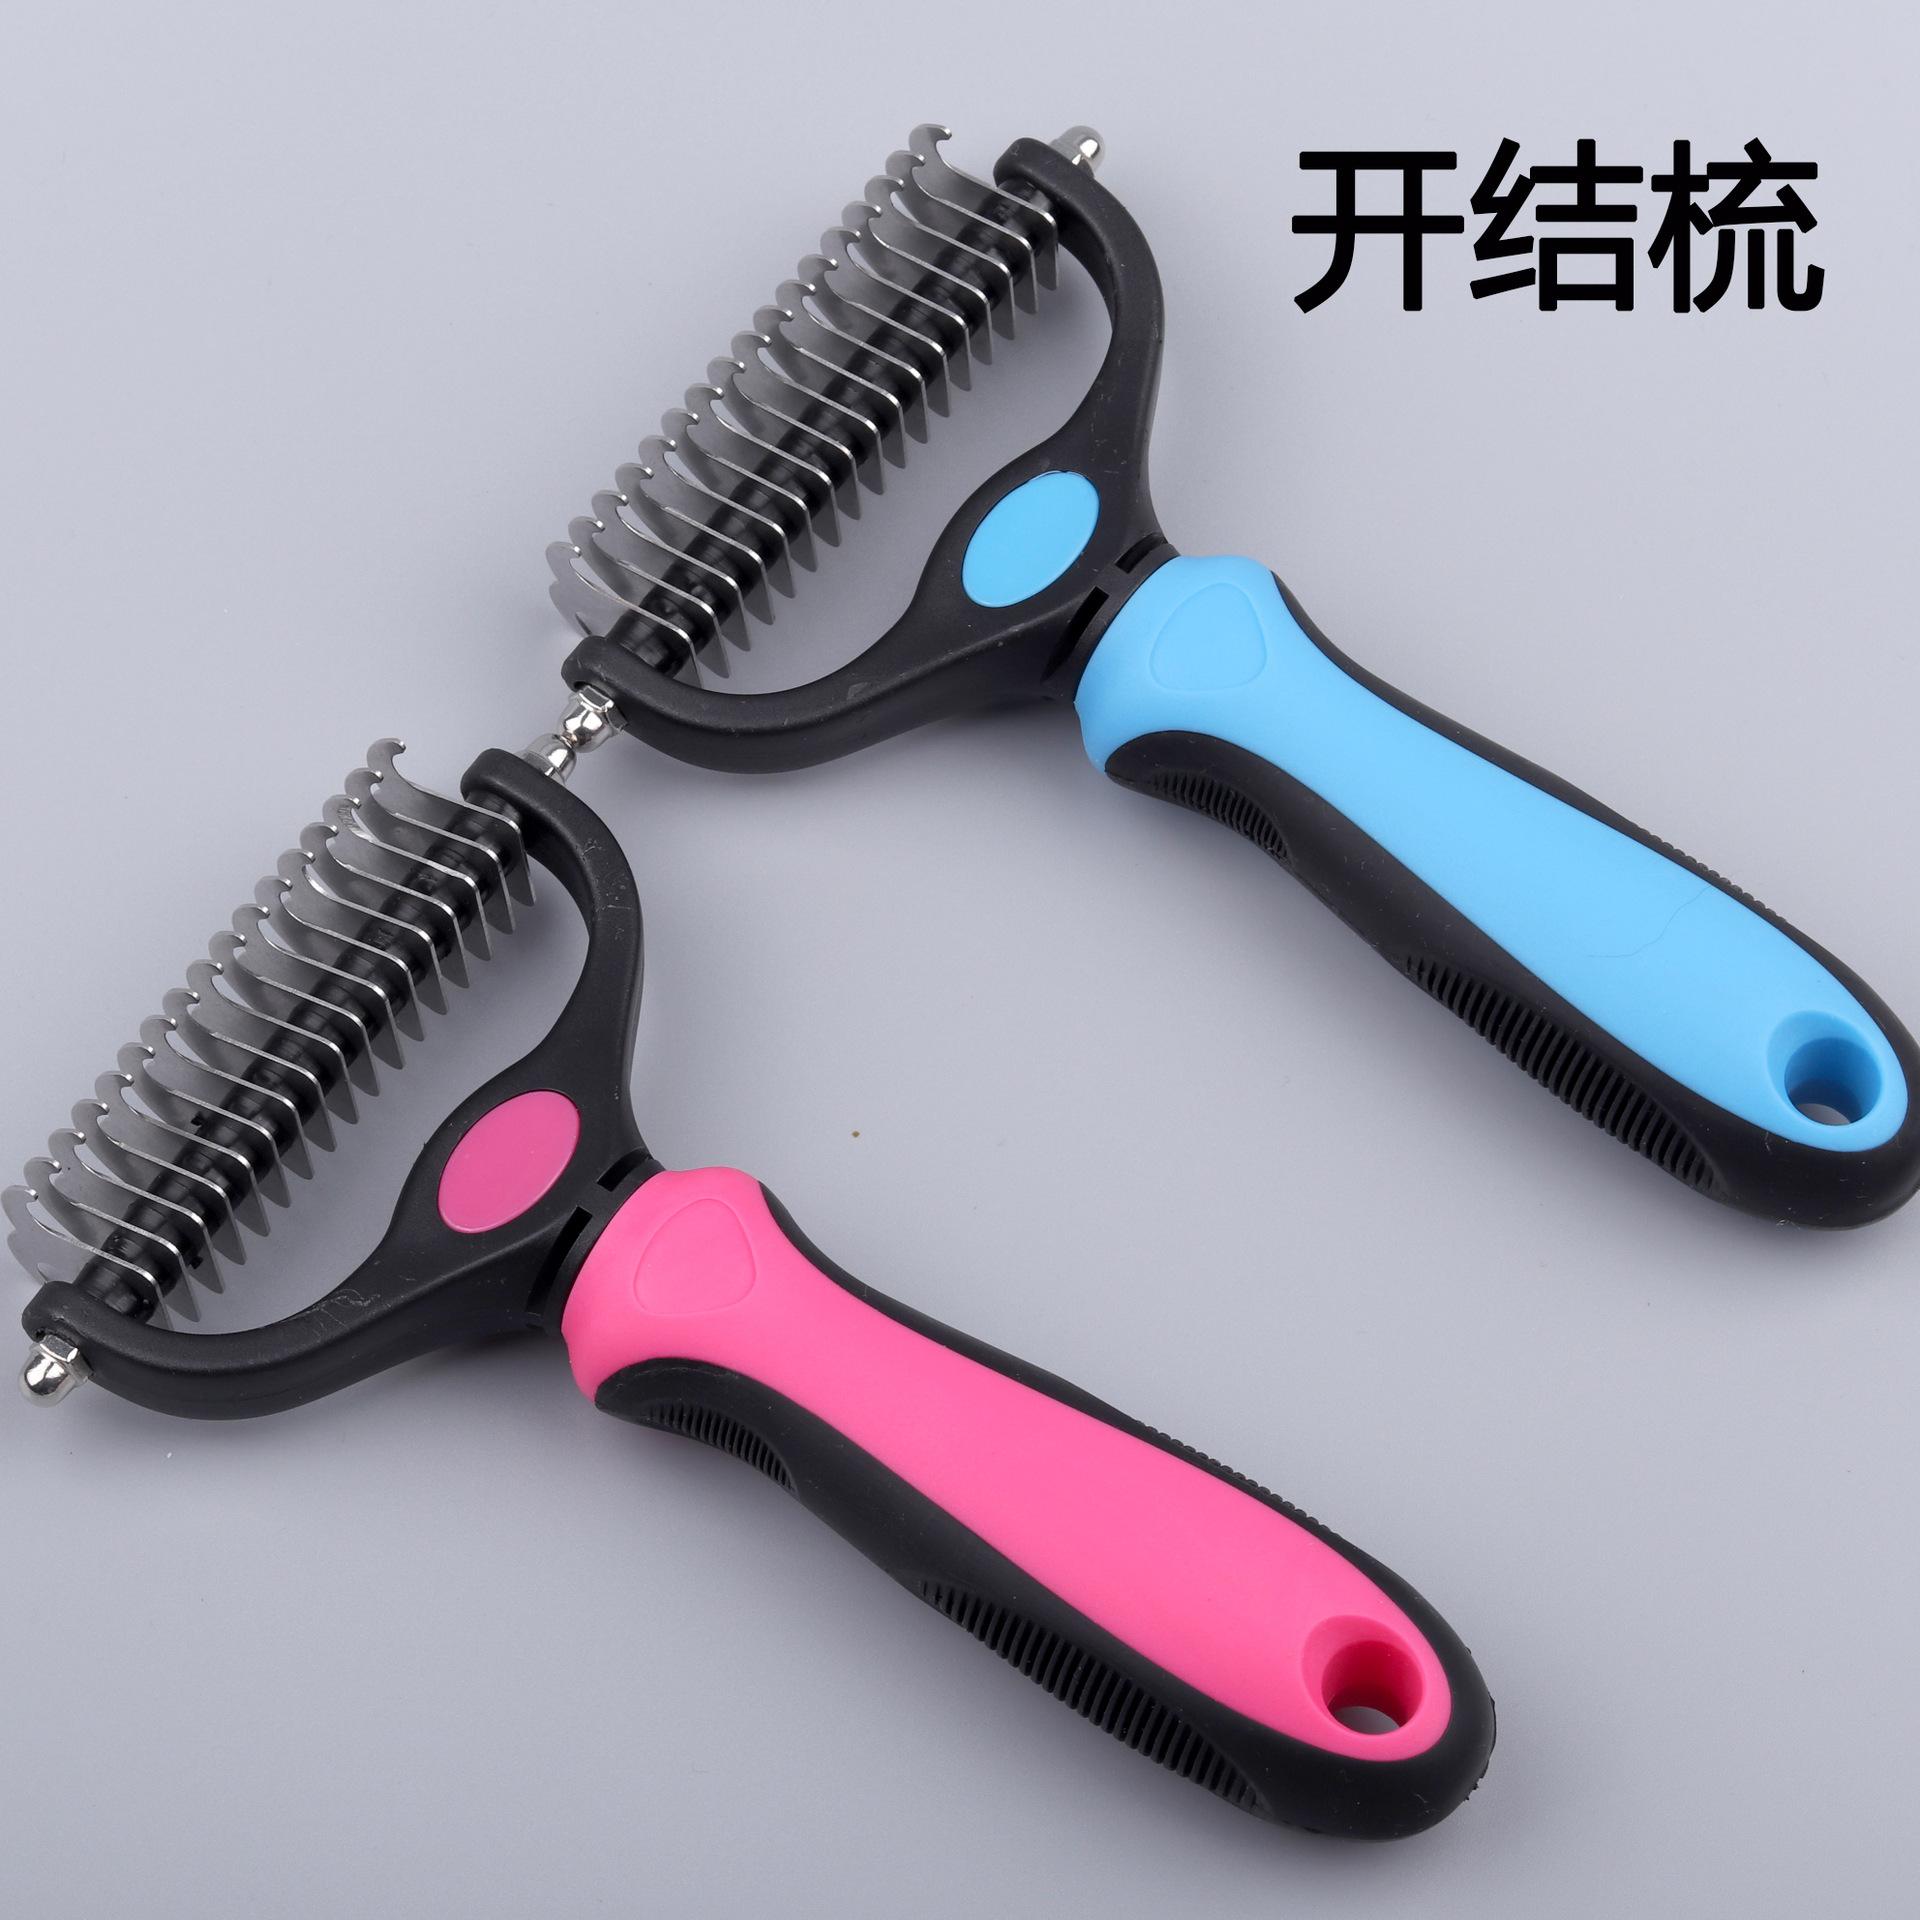 CHONGXIN Vật nuôi Pet chải chuốt nguồn cung cấp chó chải nút dao tẩy lông móng tay cào bằng thép khô